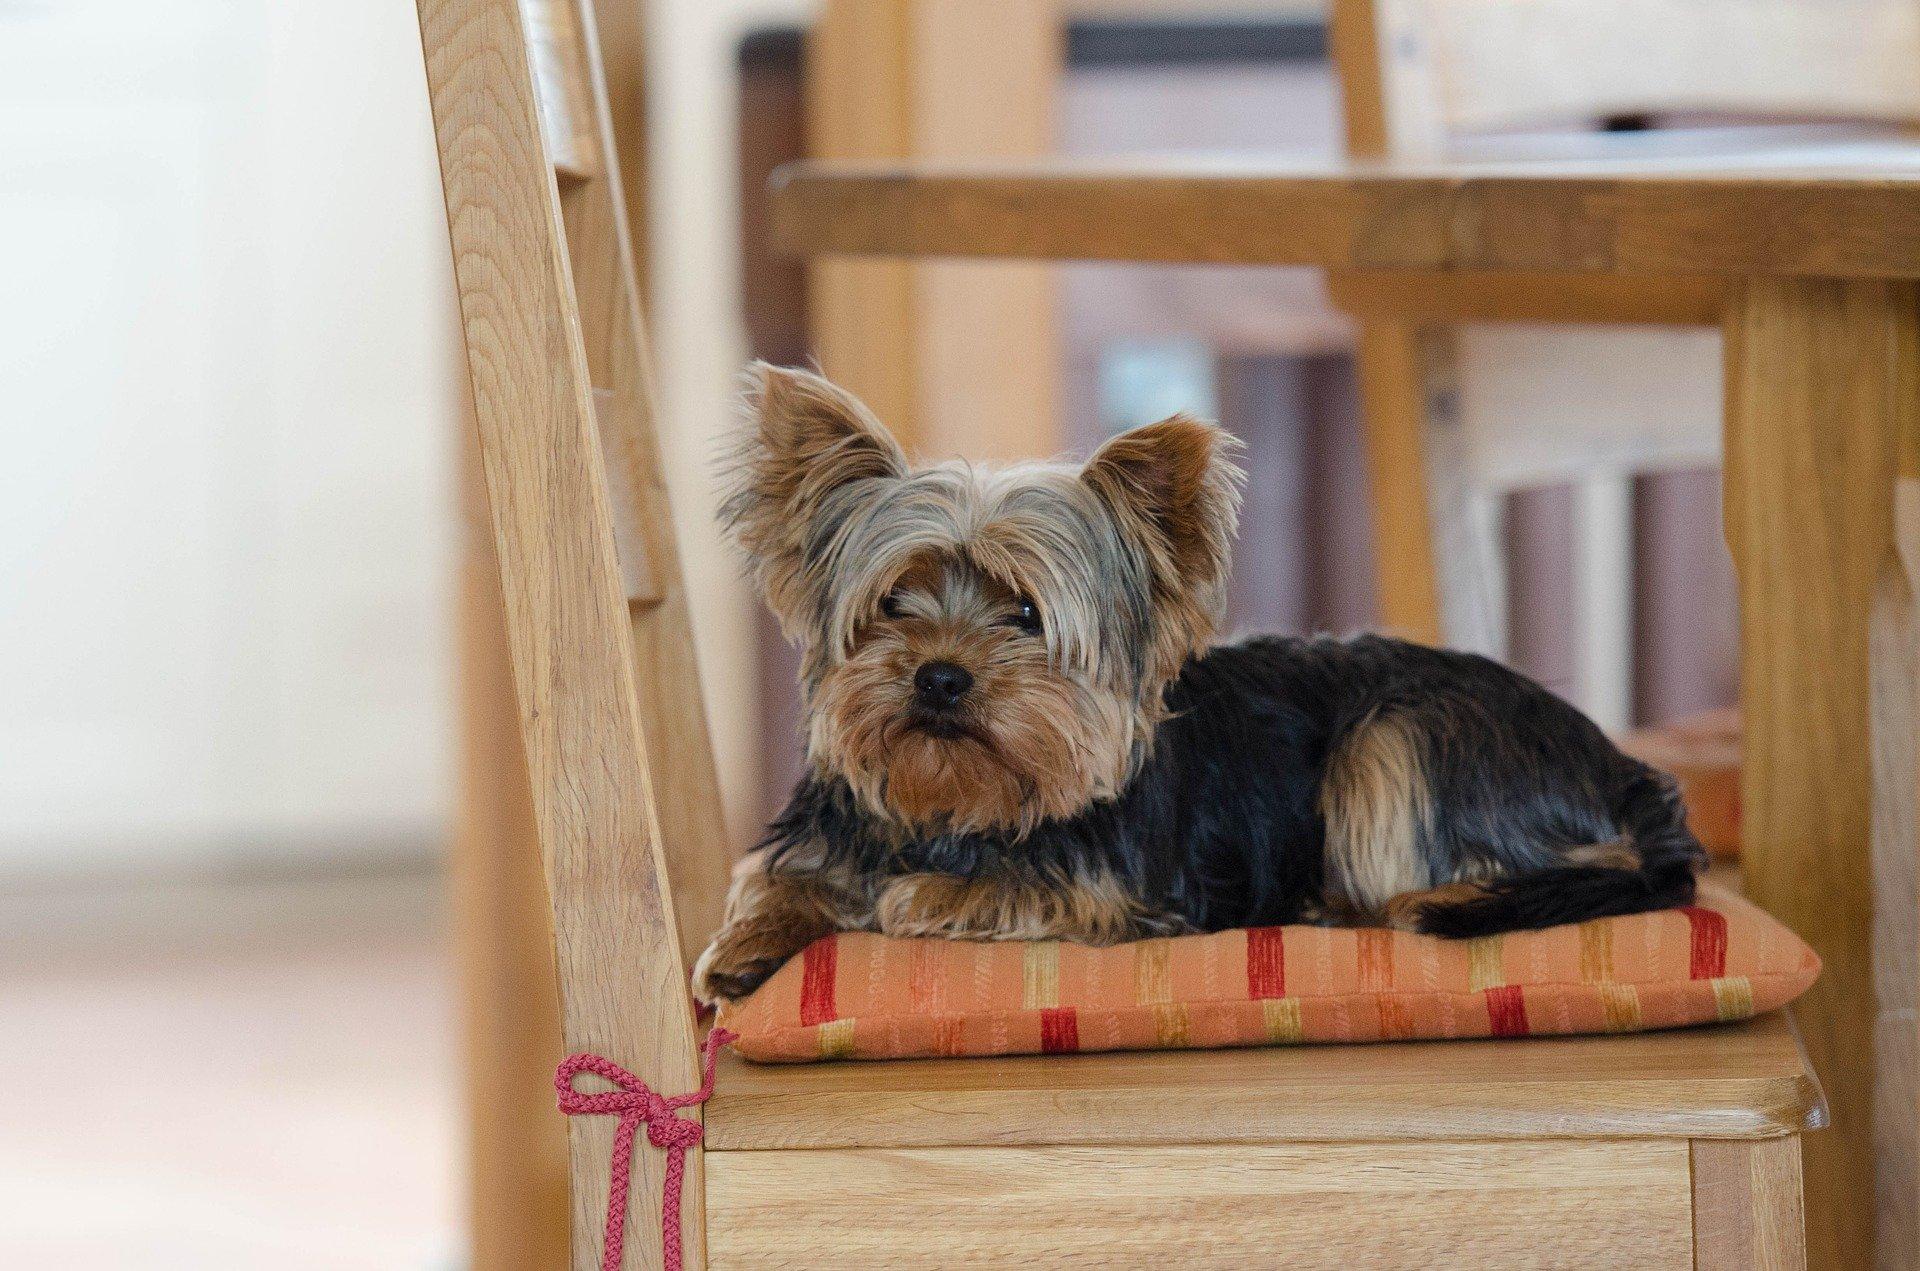 Razze cani: il cane Yorkshire carattere e prezzo